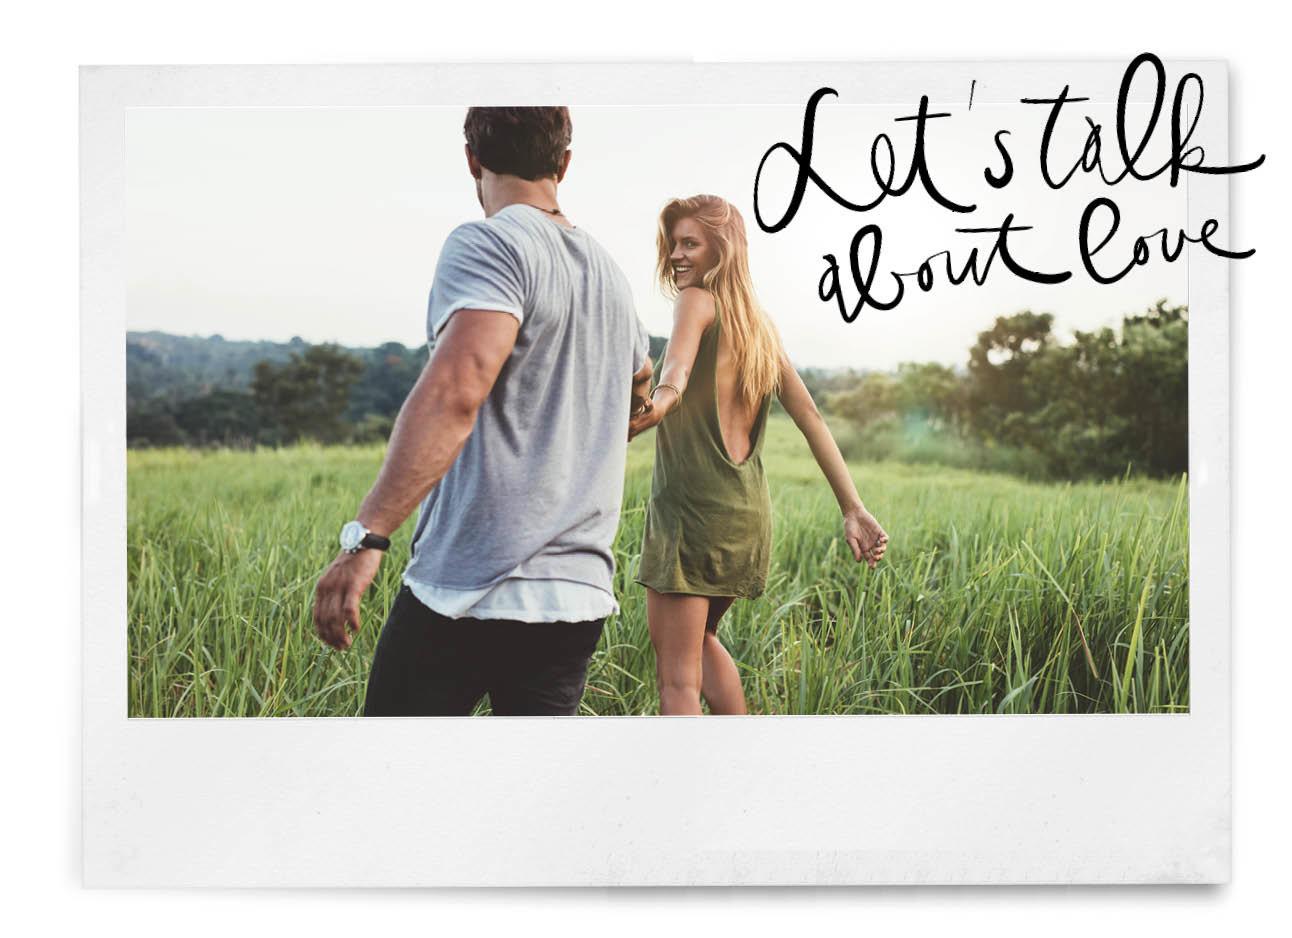 vrouw en man verliefd lopend door het gras